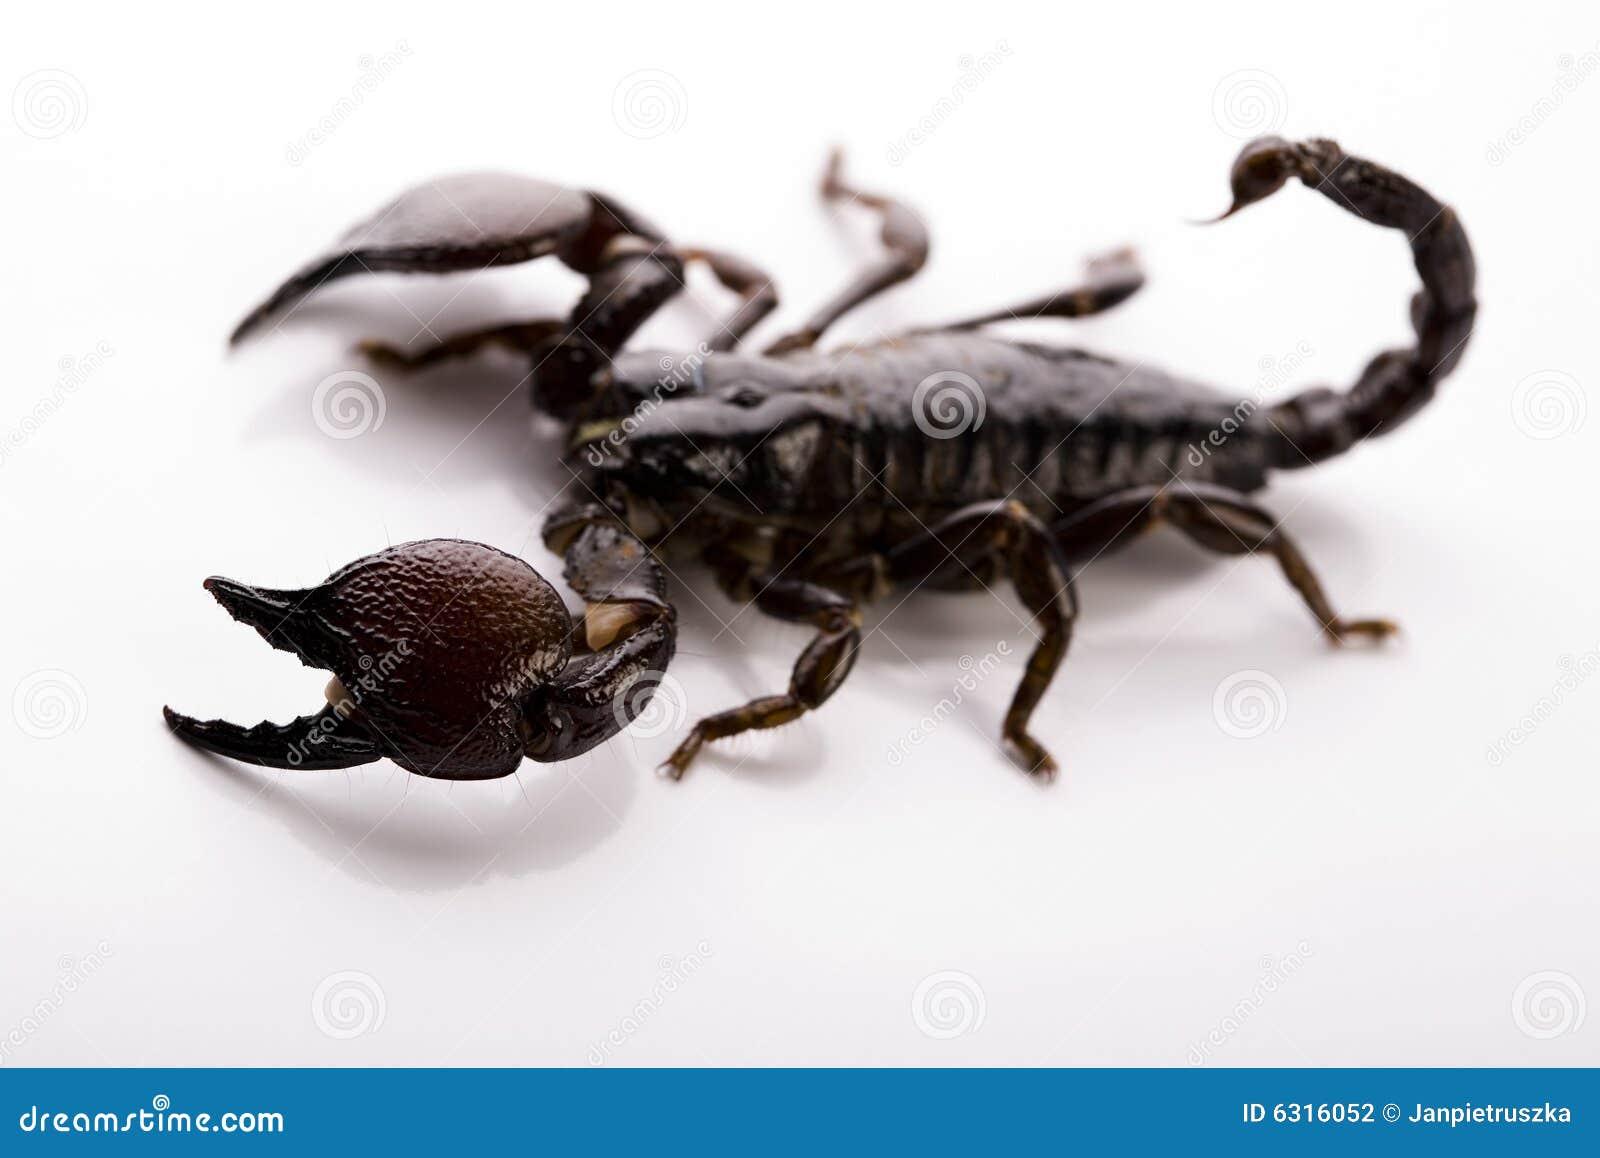 节肢动物肉食八只有腿的蝎子